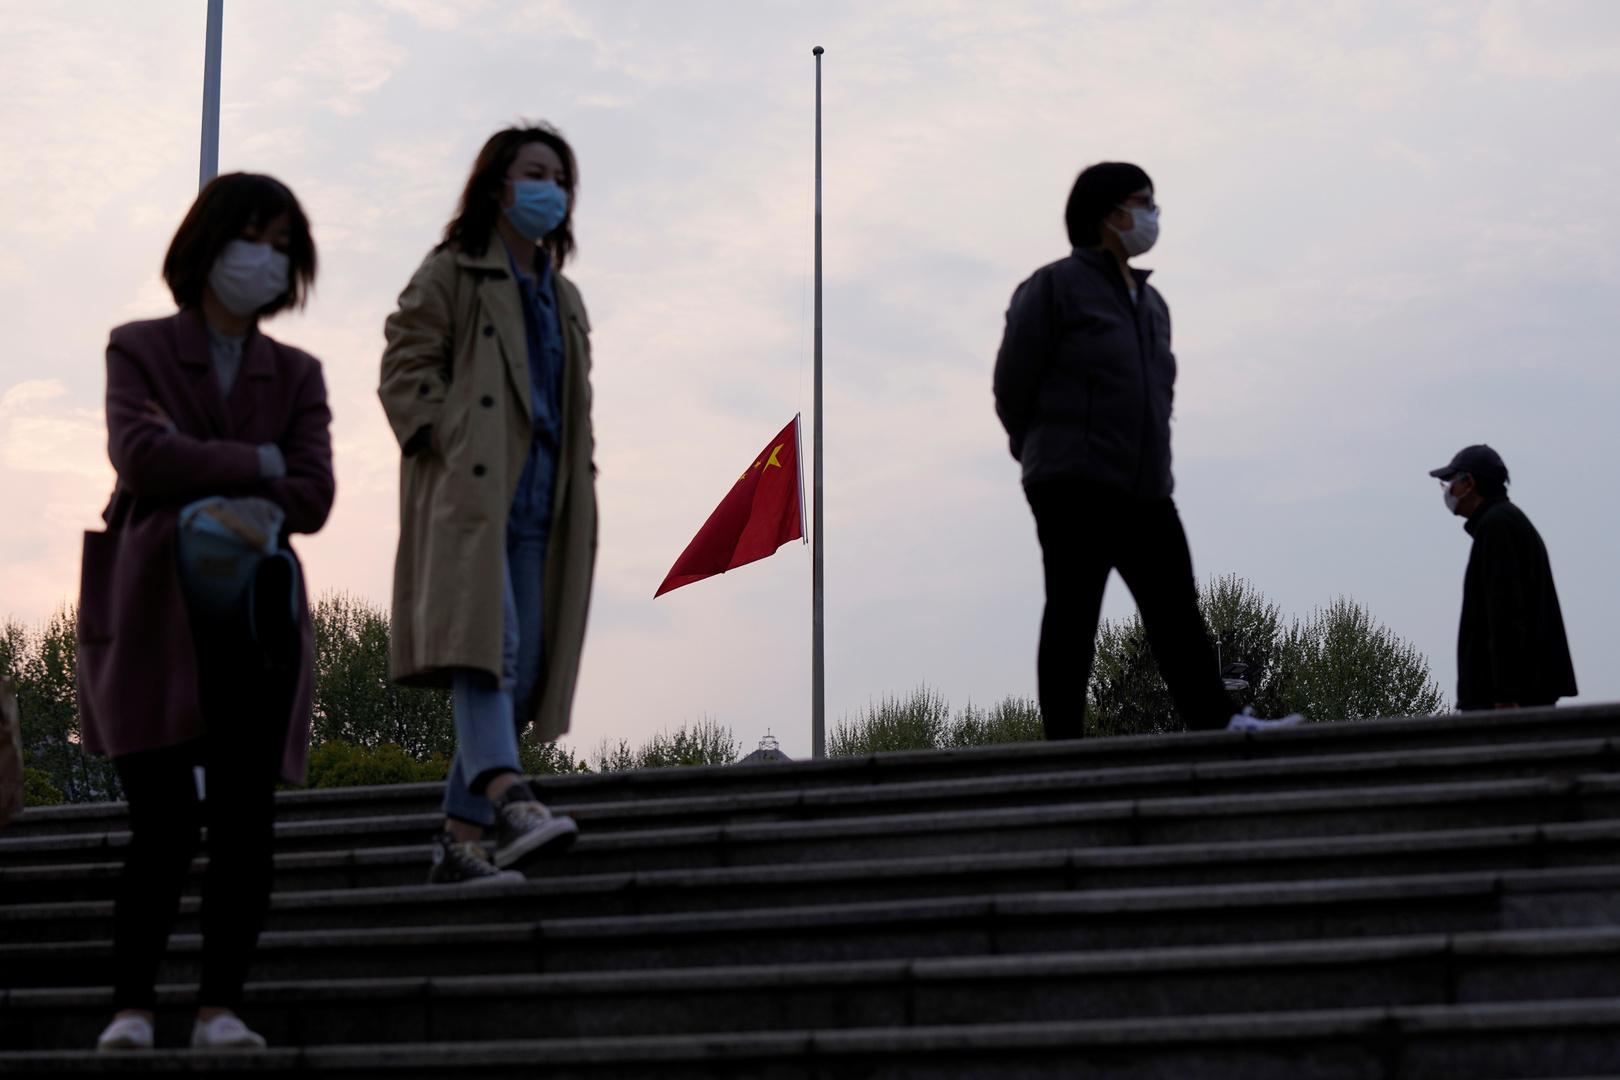 جامعة هونغ كونغ ترد على عالمة فيروسات زعمت إحجام الصين عن الإعلان عن تفشي كورونا